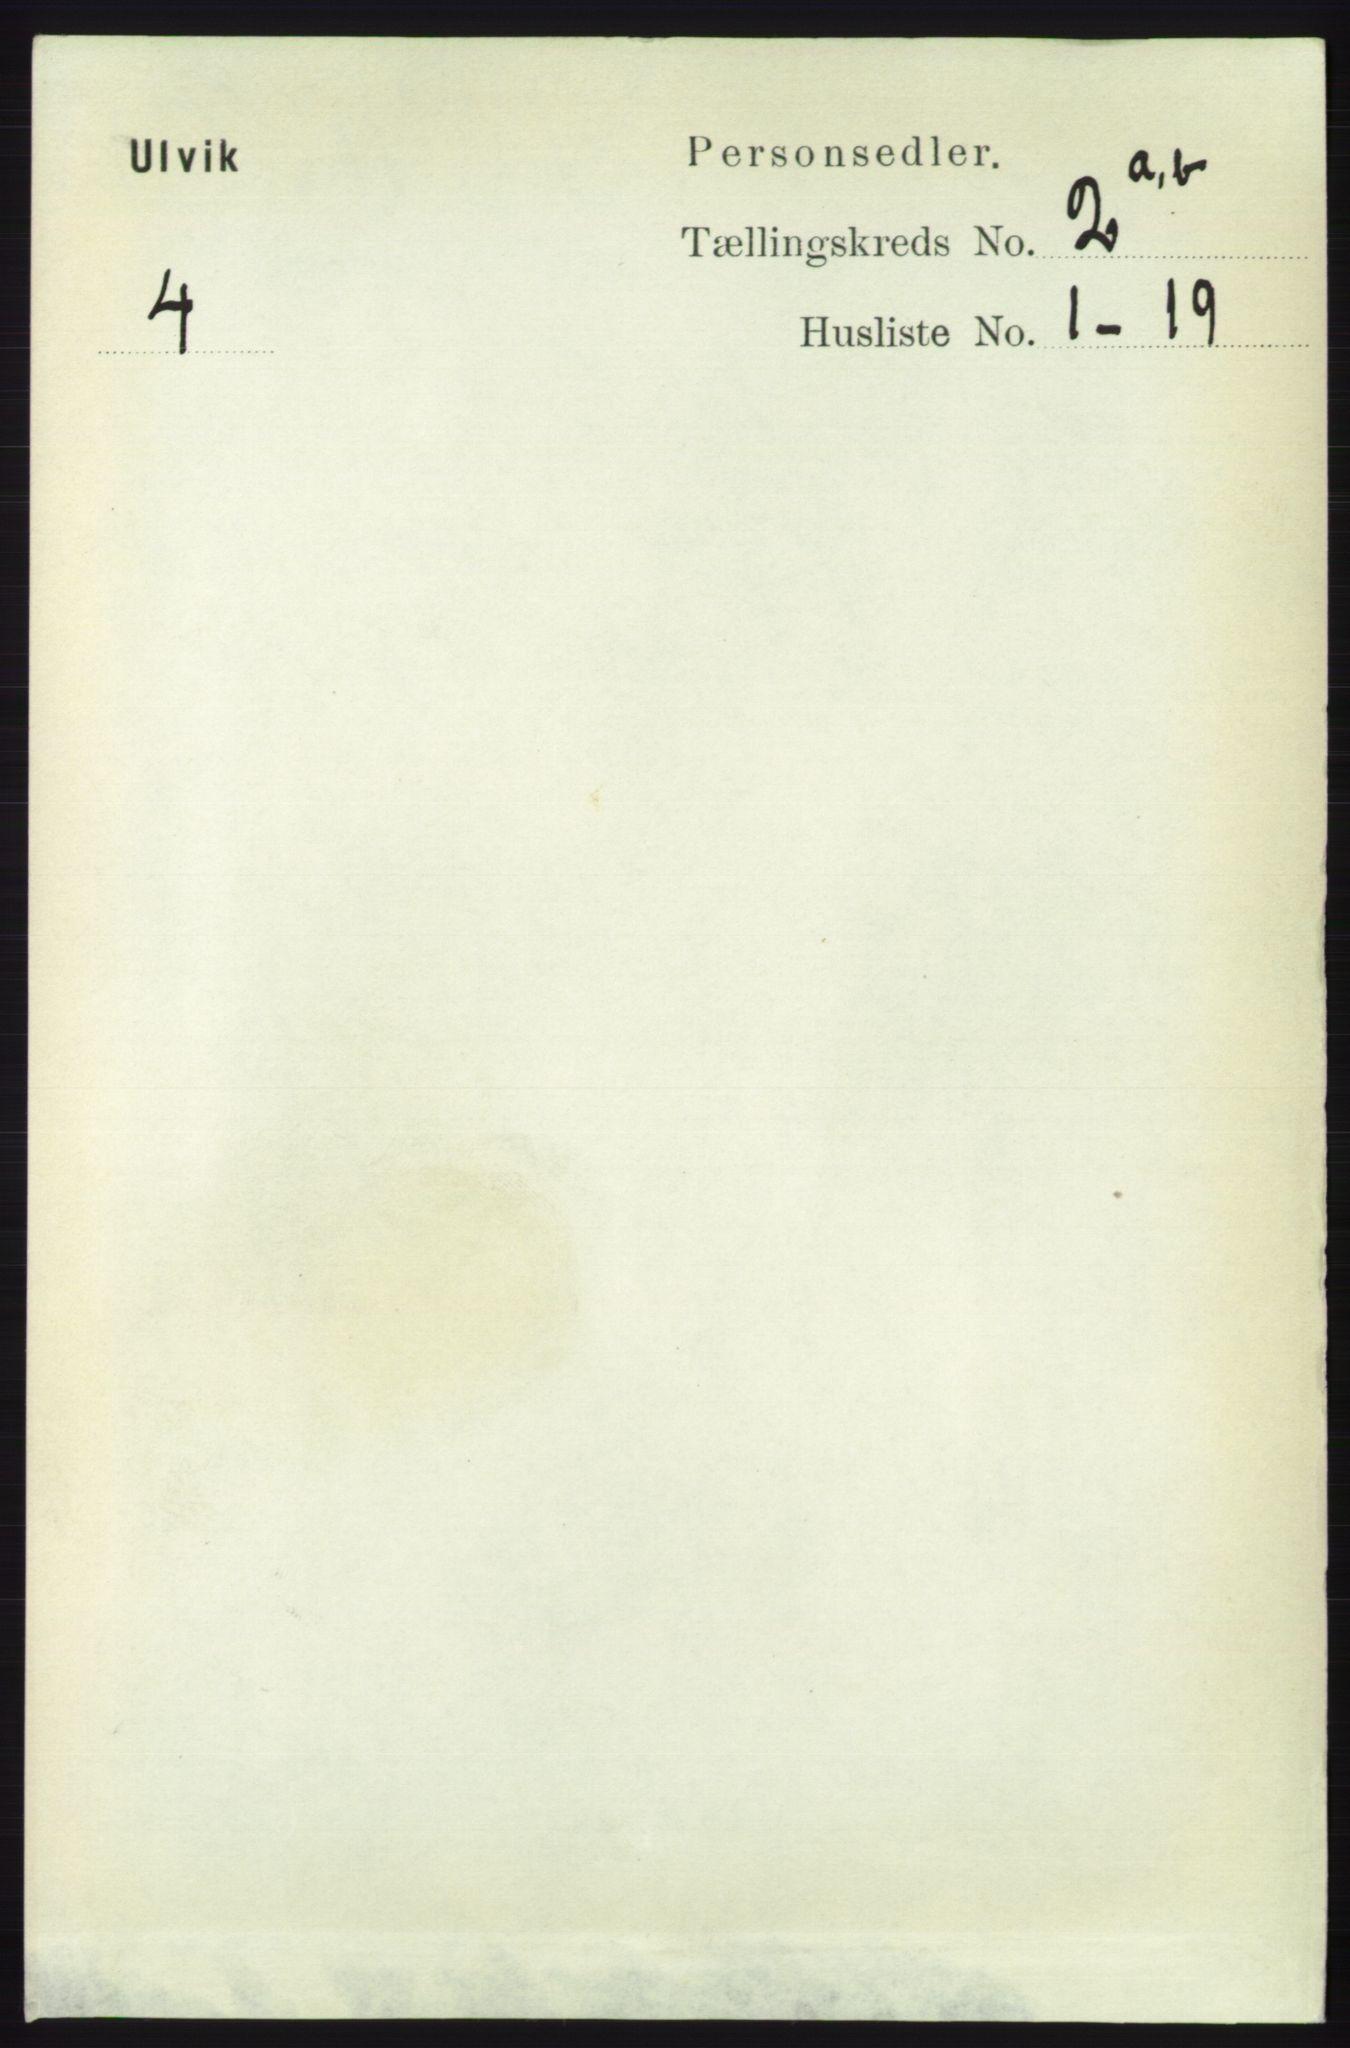 RA, Folketelling 1891 for 1233 Ulvik herred, 1891, s. 232